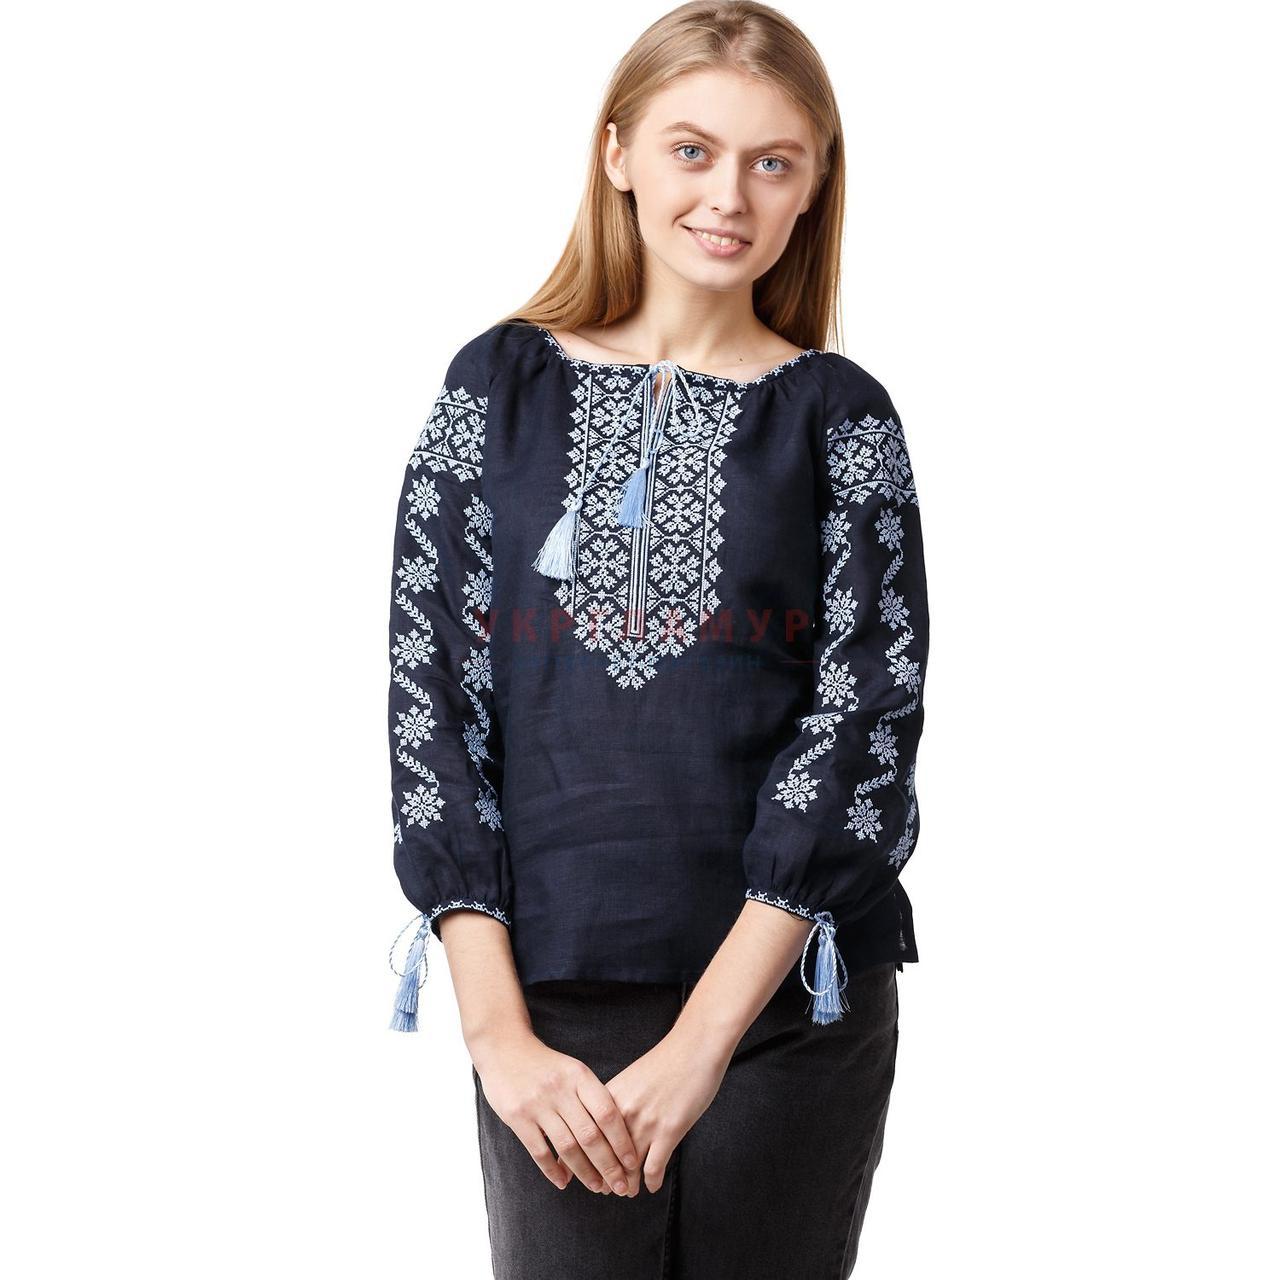 Вышитая темно-синяя женская блуза с голубым орнаментом